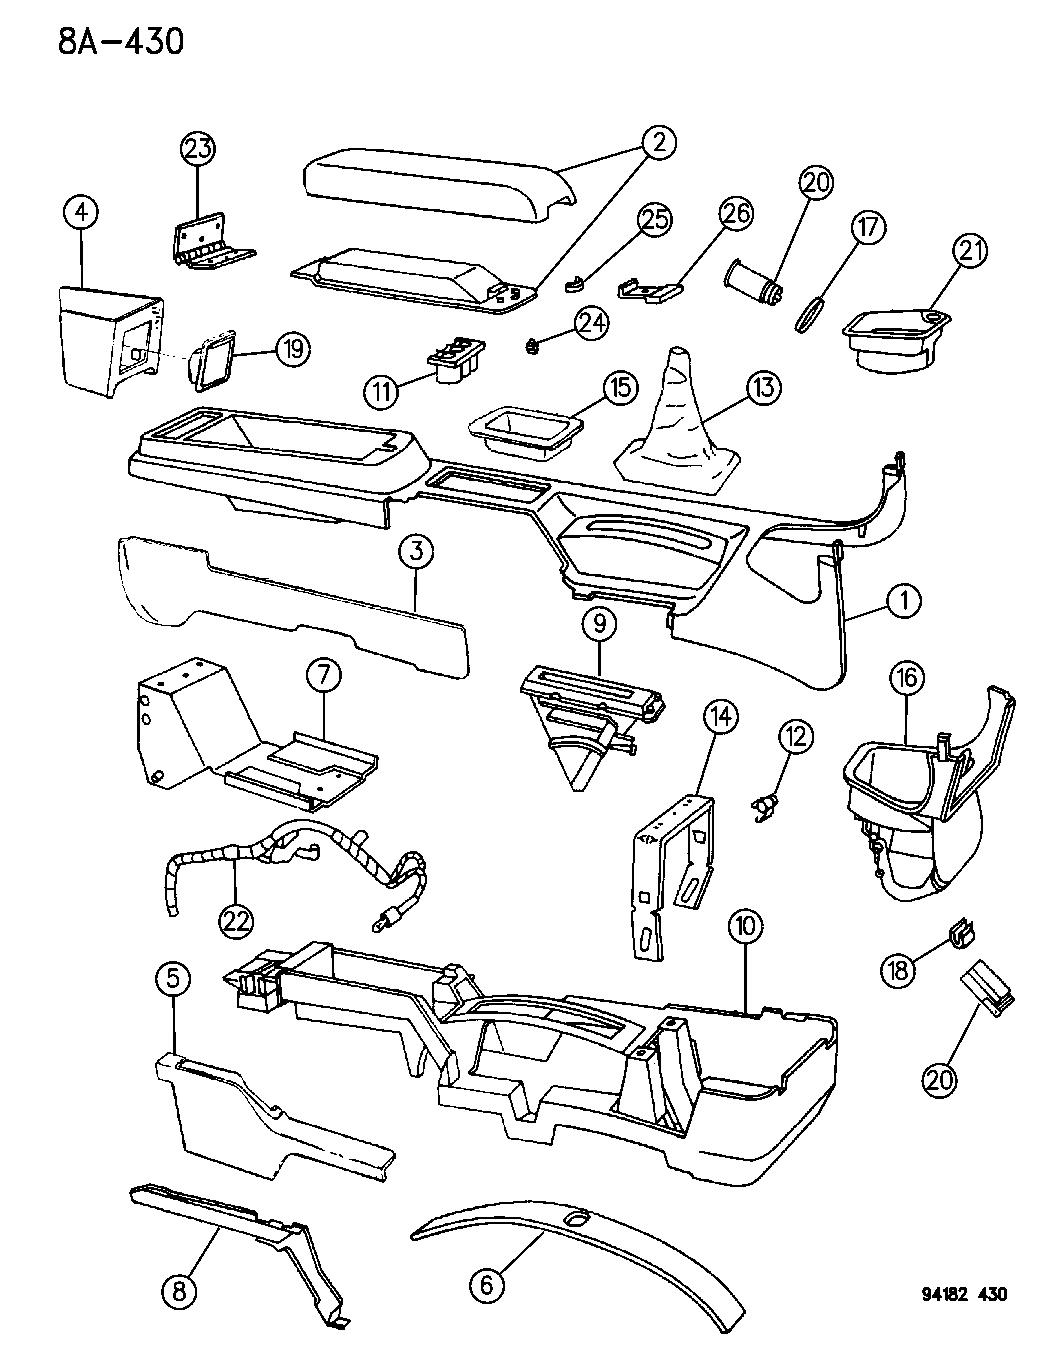 94 Chrysler Lebaron Wiring Diagram - Wiring Diagram Networks